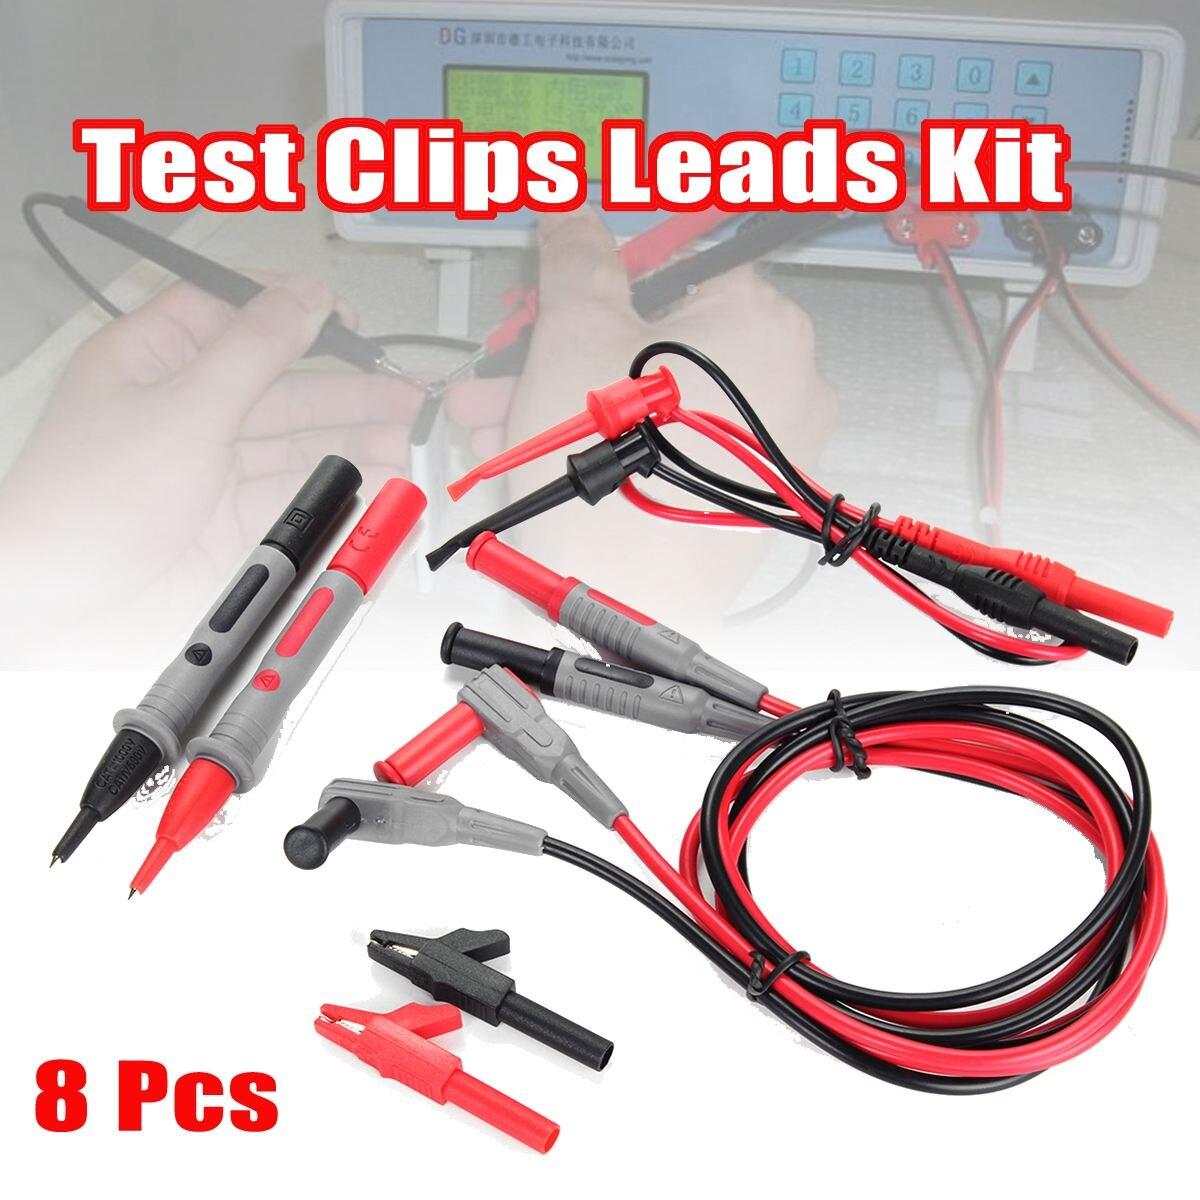 Set Of 8 Electronic Specialties Test Clips Leads Kit Banana Tester Probe Kit For Fluke Multimeter цены онлайн